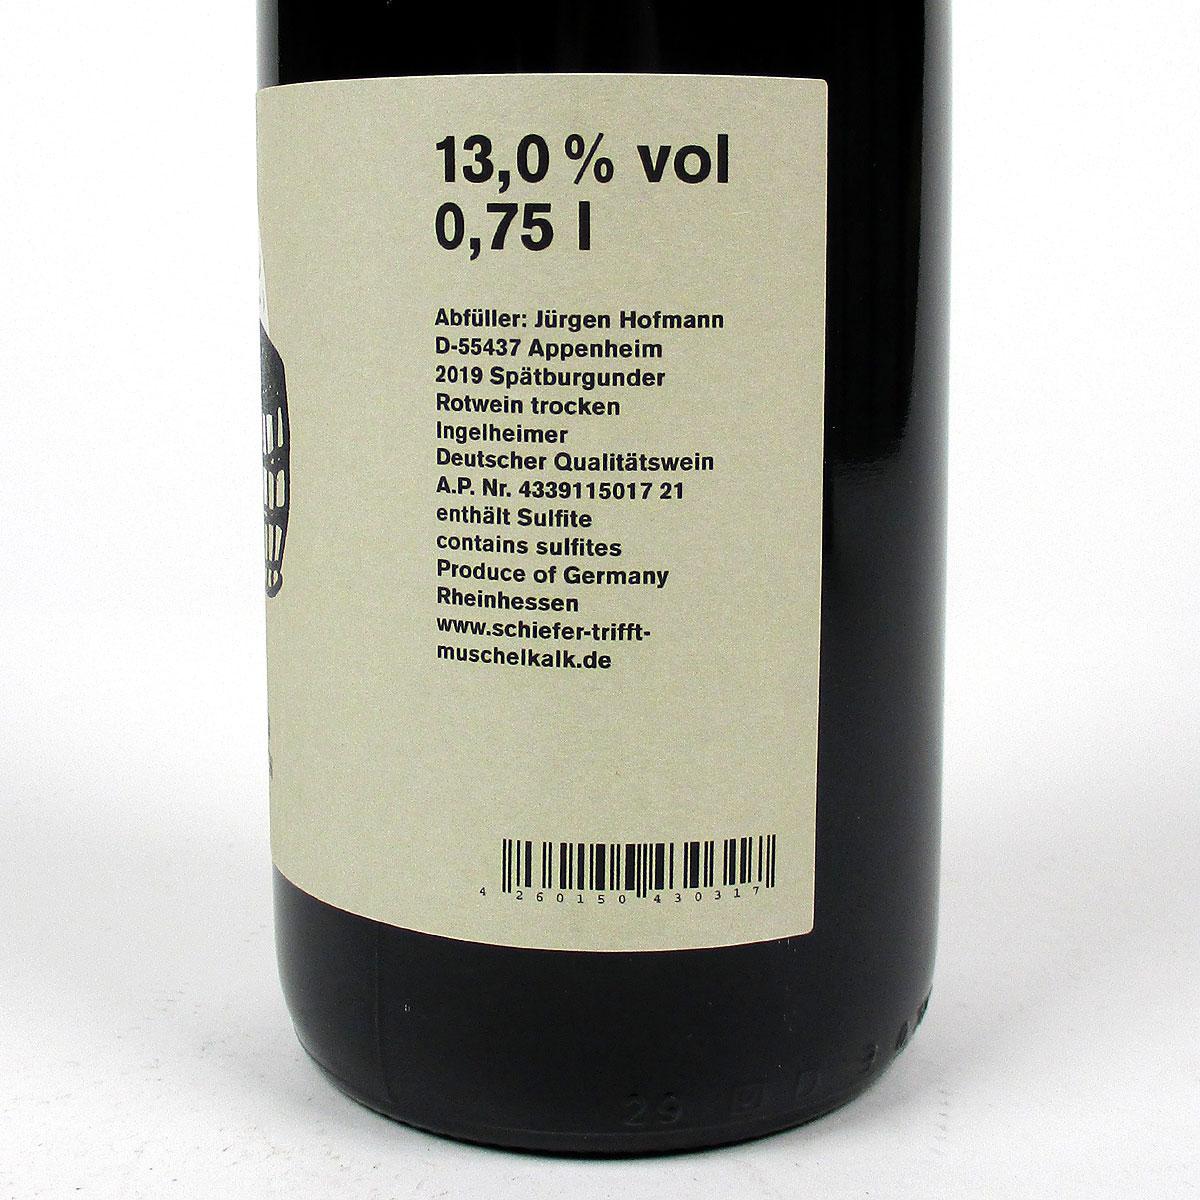 Rheinhessen: Jürgen Hofmann Ingelheimer Spätburgunder 2019 - Bottle Side Label